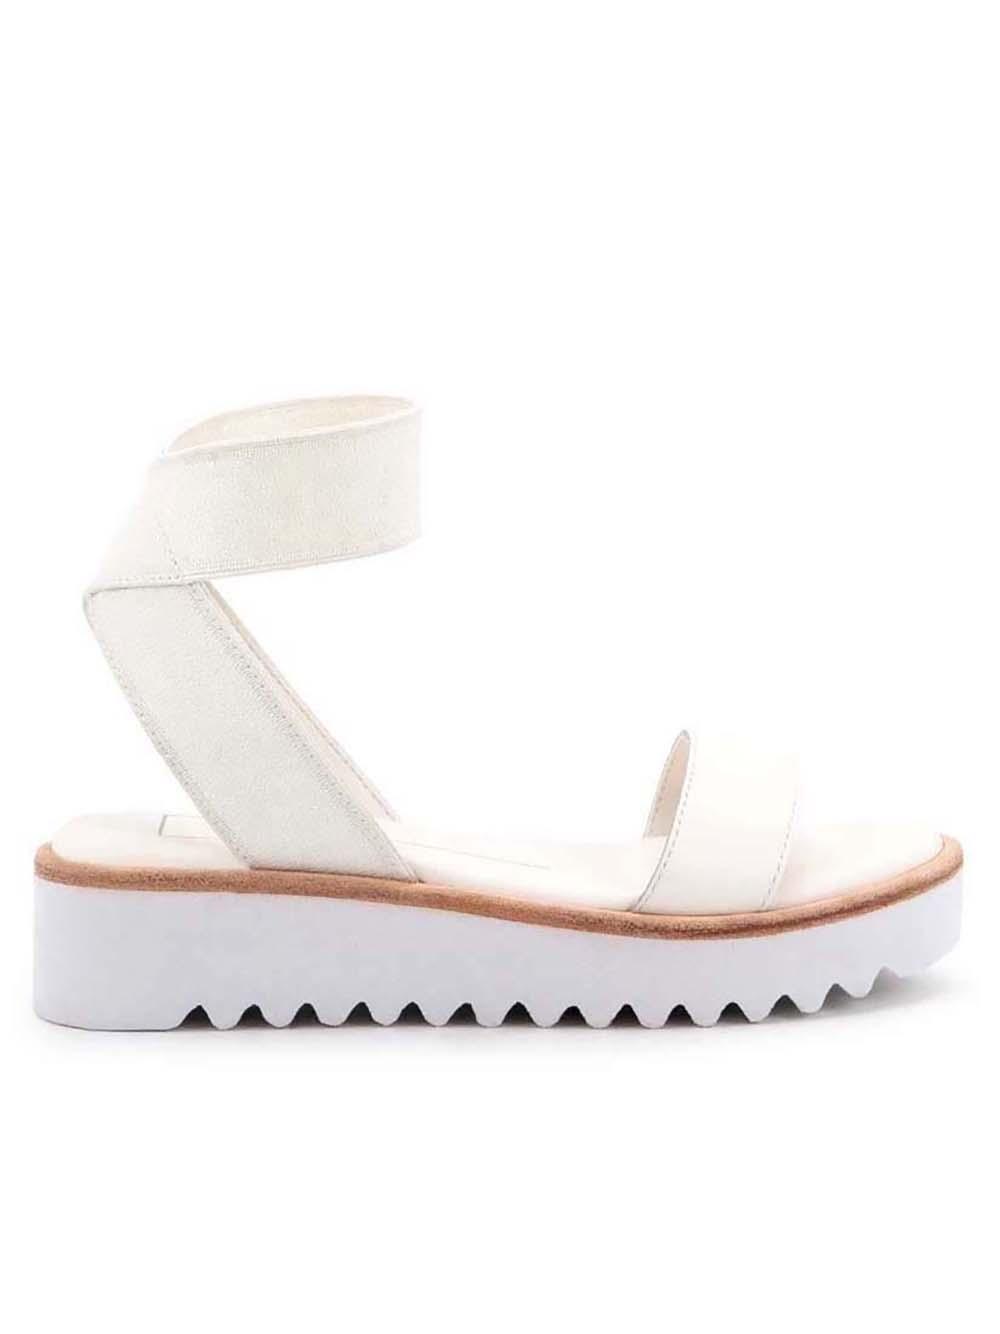 Franz Platform Sandal Item # FRANZ